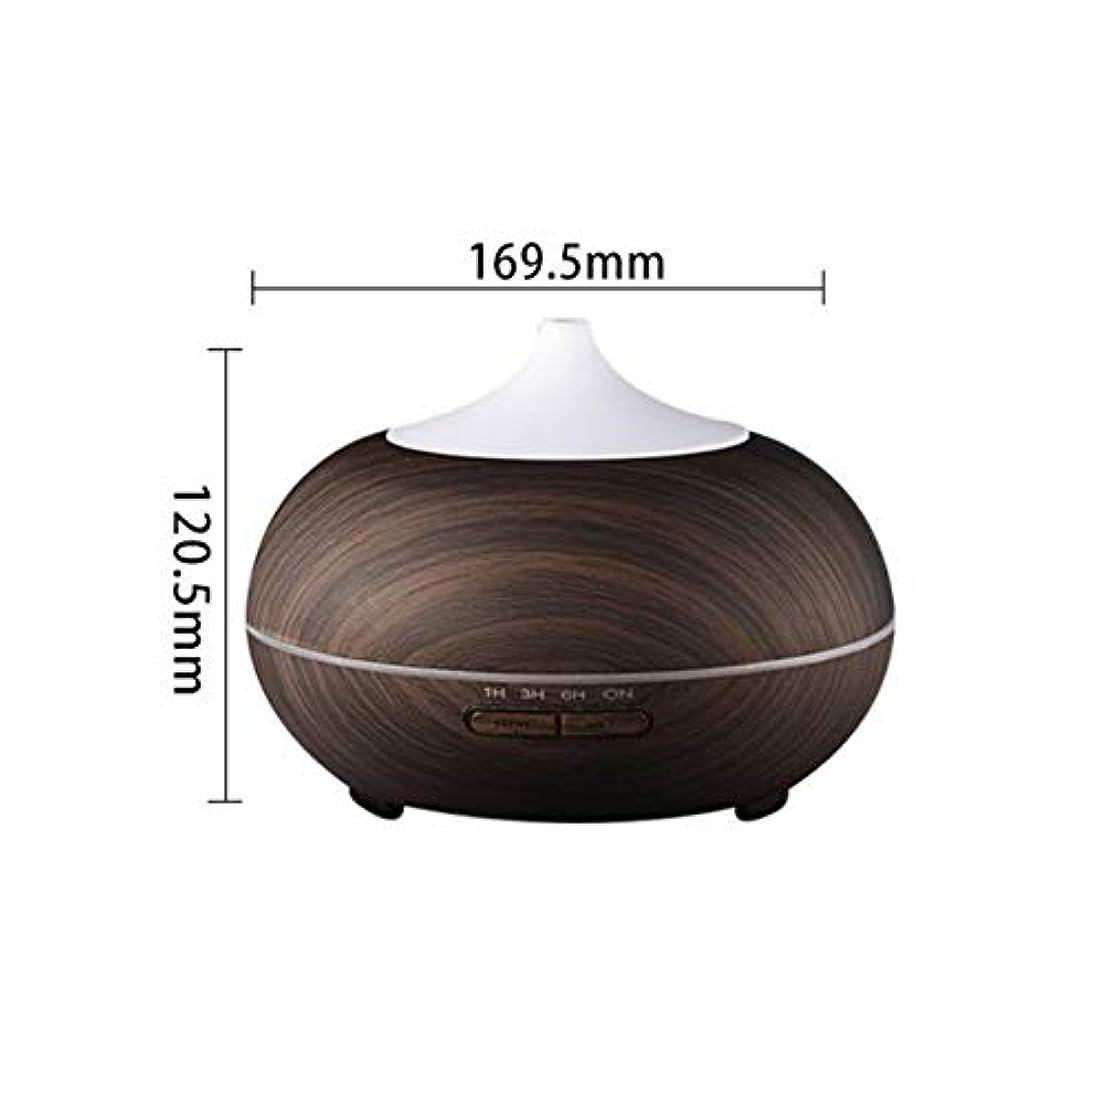 コンテンツマーキング穀物木目 涼しい霧 加湿器,7 色 空気を浄化 加湿機 時間 手動 Wifiアプリコントロール 精油 ディフューザー アロマネブライザー Yoga- 300ml